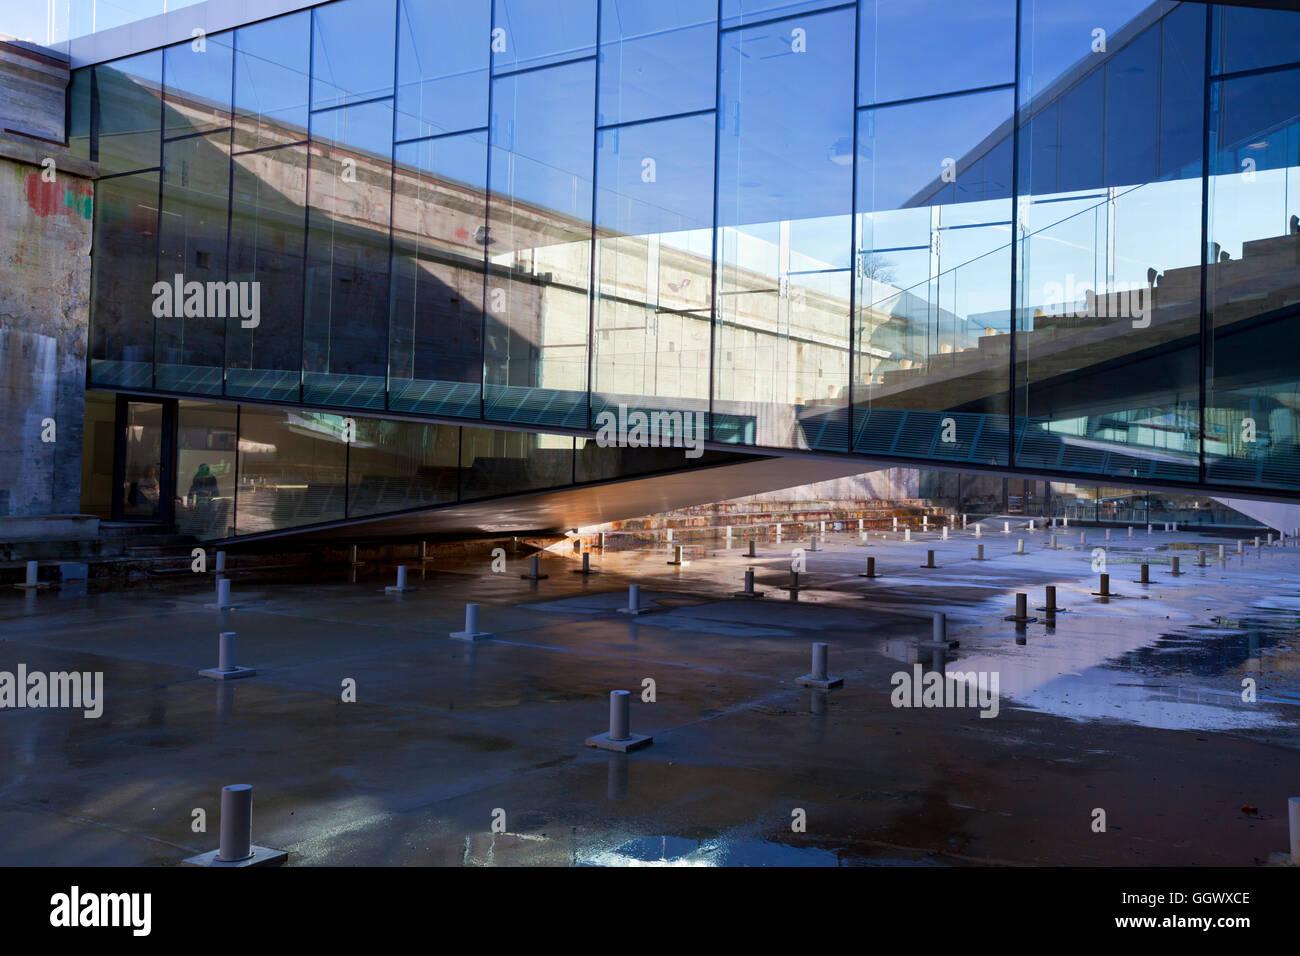 Dänische Maritime Museum, M/S Museet für Søfart in Helsingör/Helsingør, Dänemark. Architekt Bjarke Ingels groß. Reflexion in U-Wände aus Glas Stockfoto